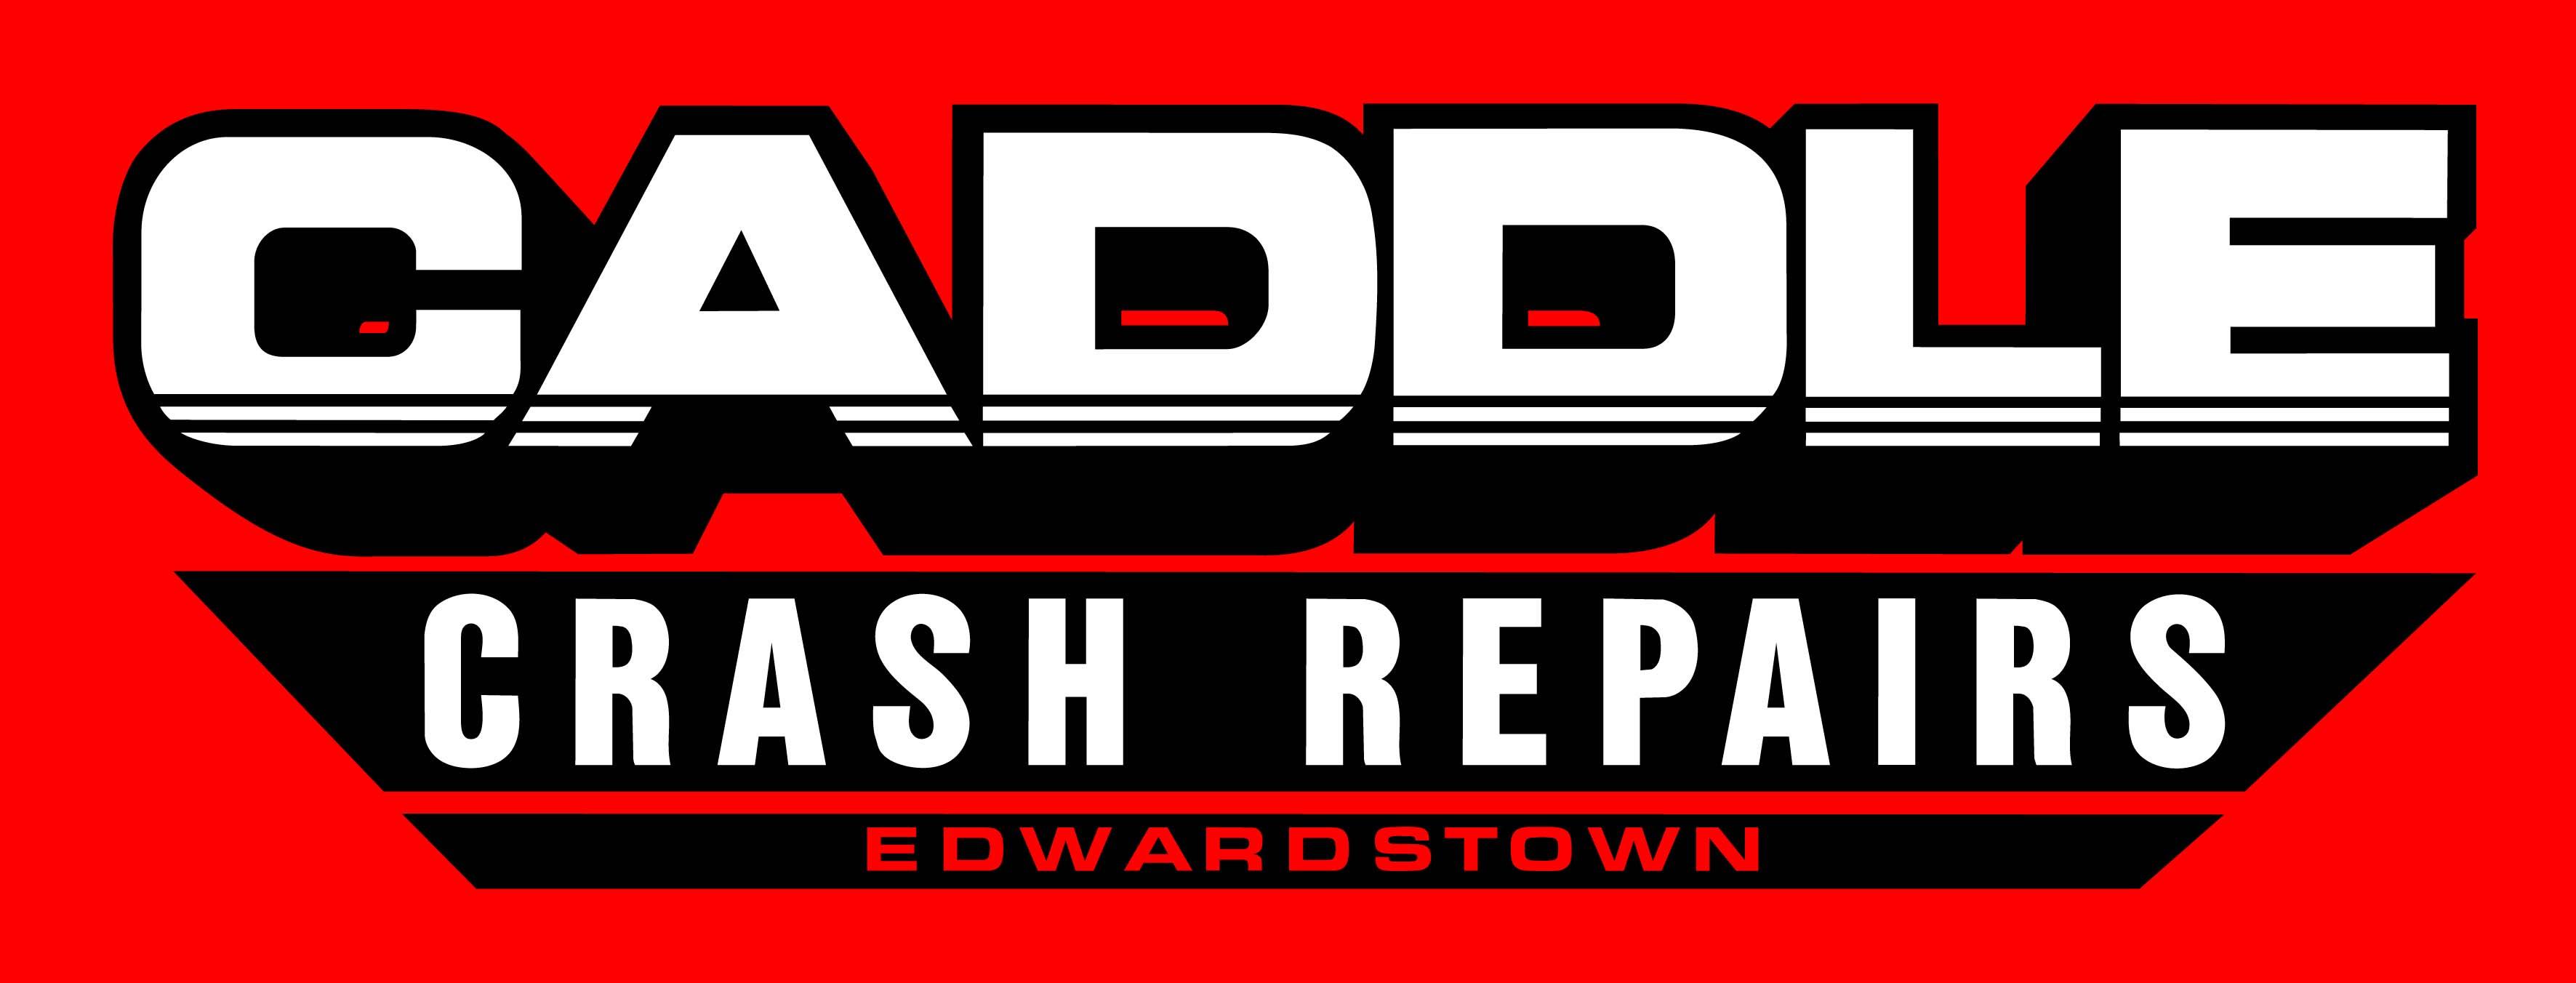 Caddle Crash Repairs